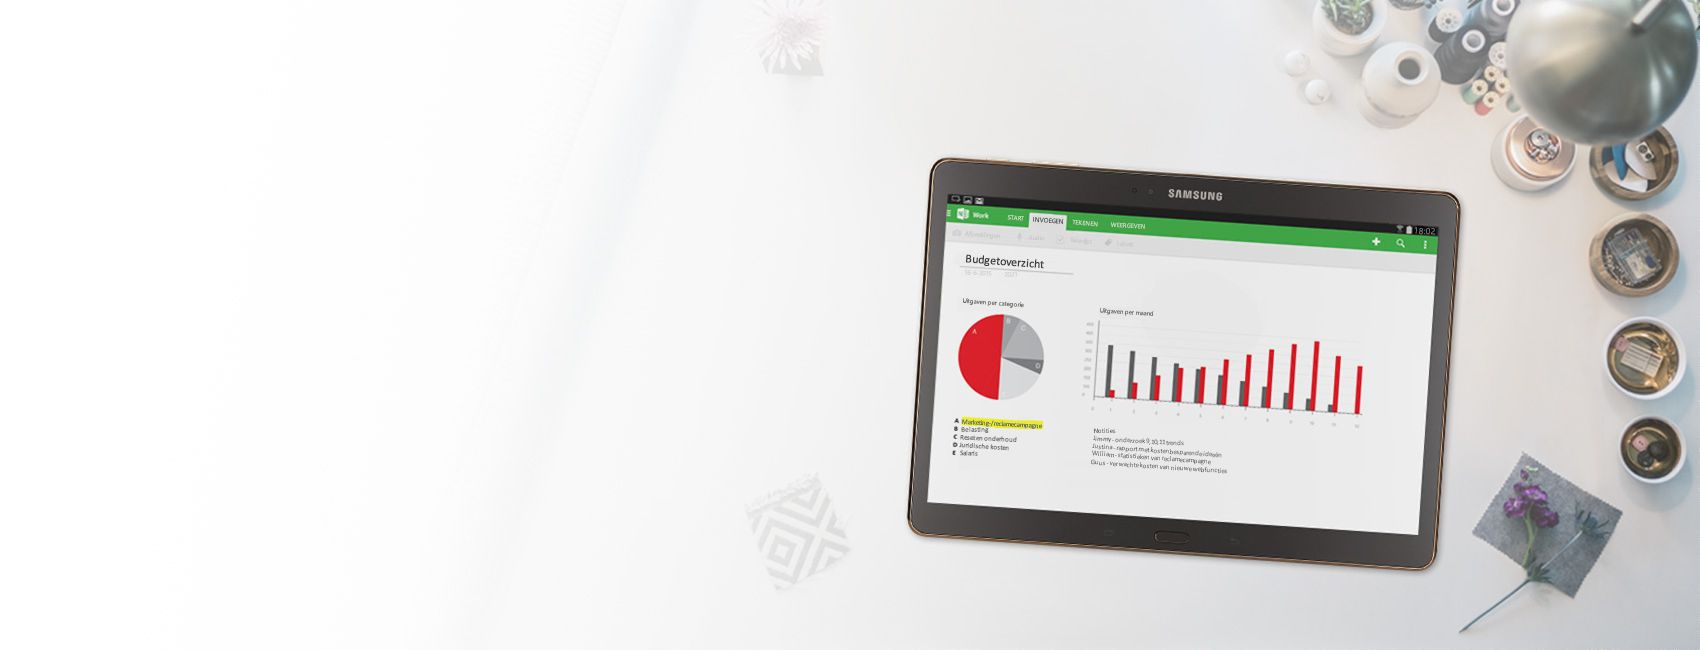 Een tablet met een OneNote-notitieblok met diagrammen en grafieken met budgetoverzichten